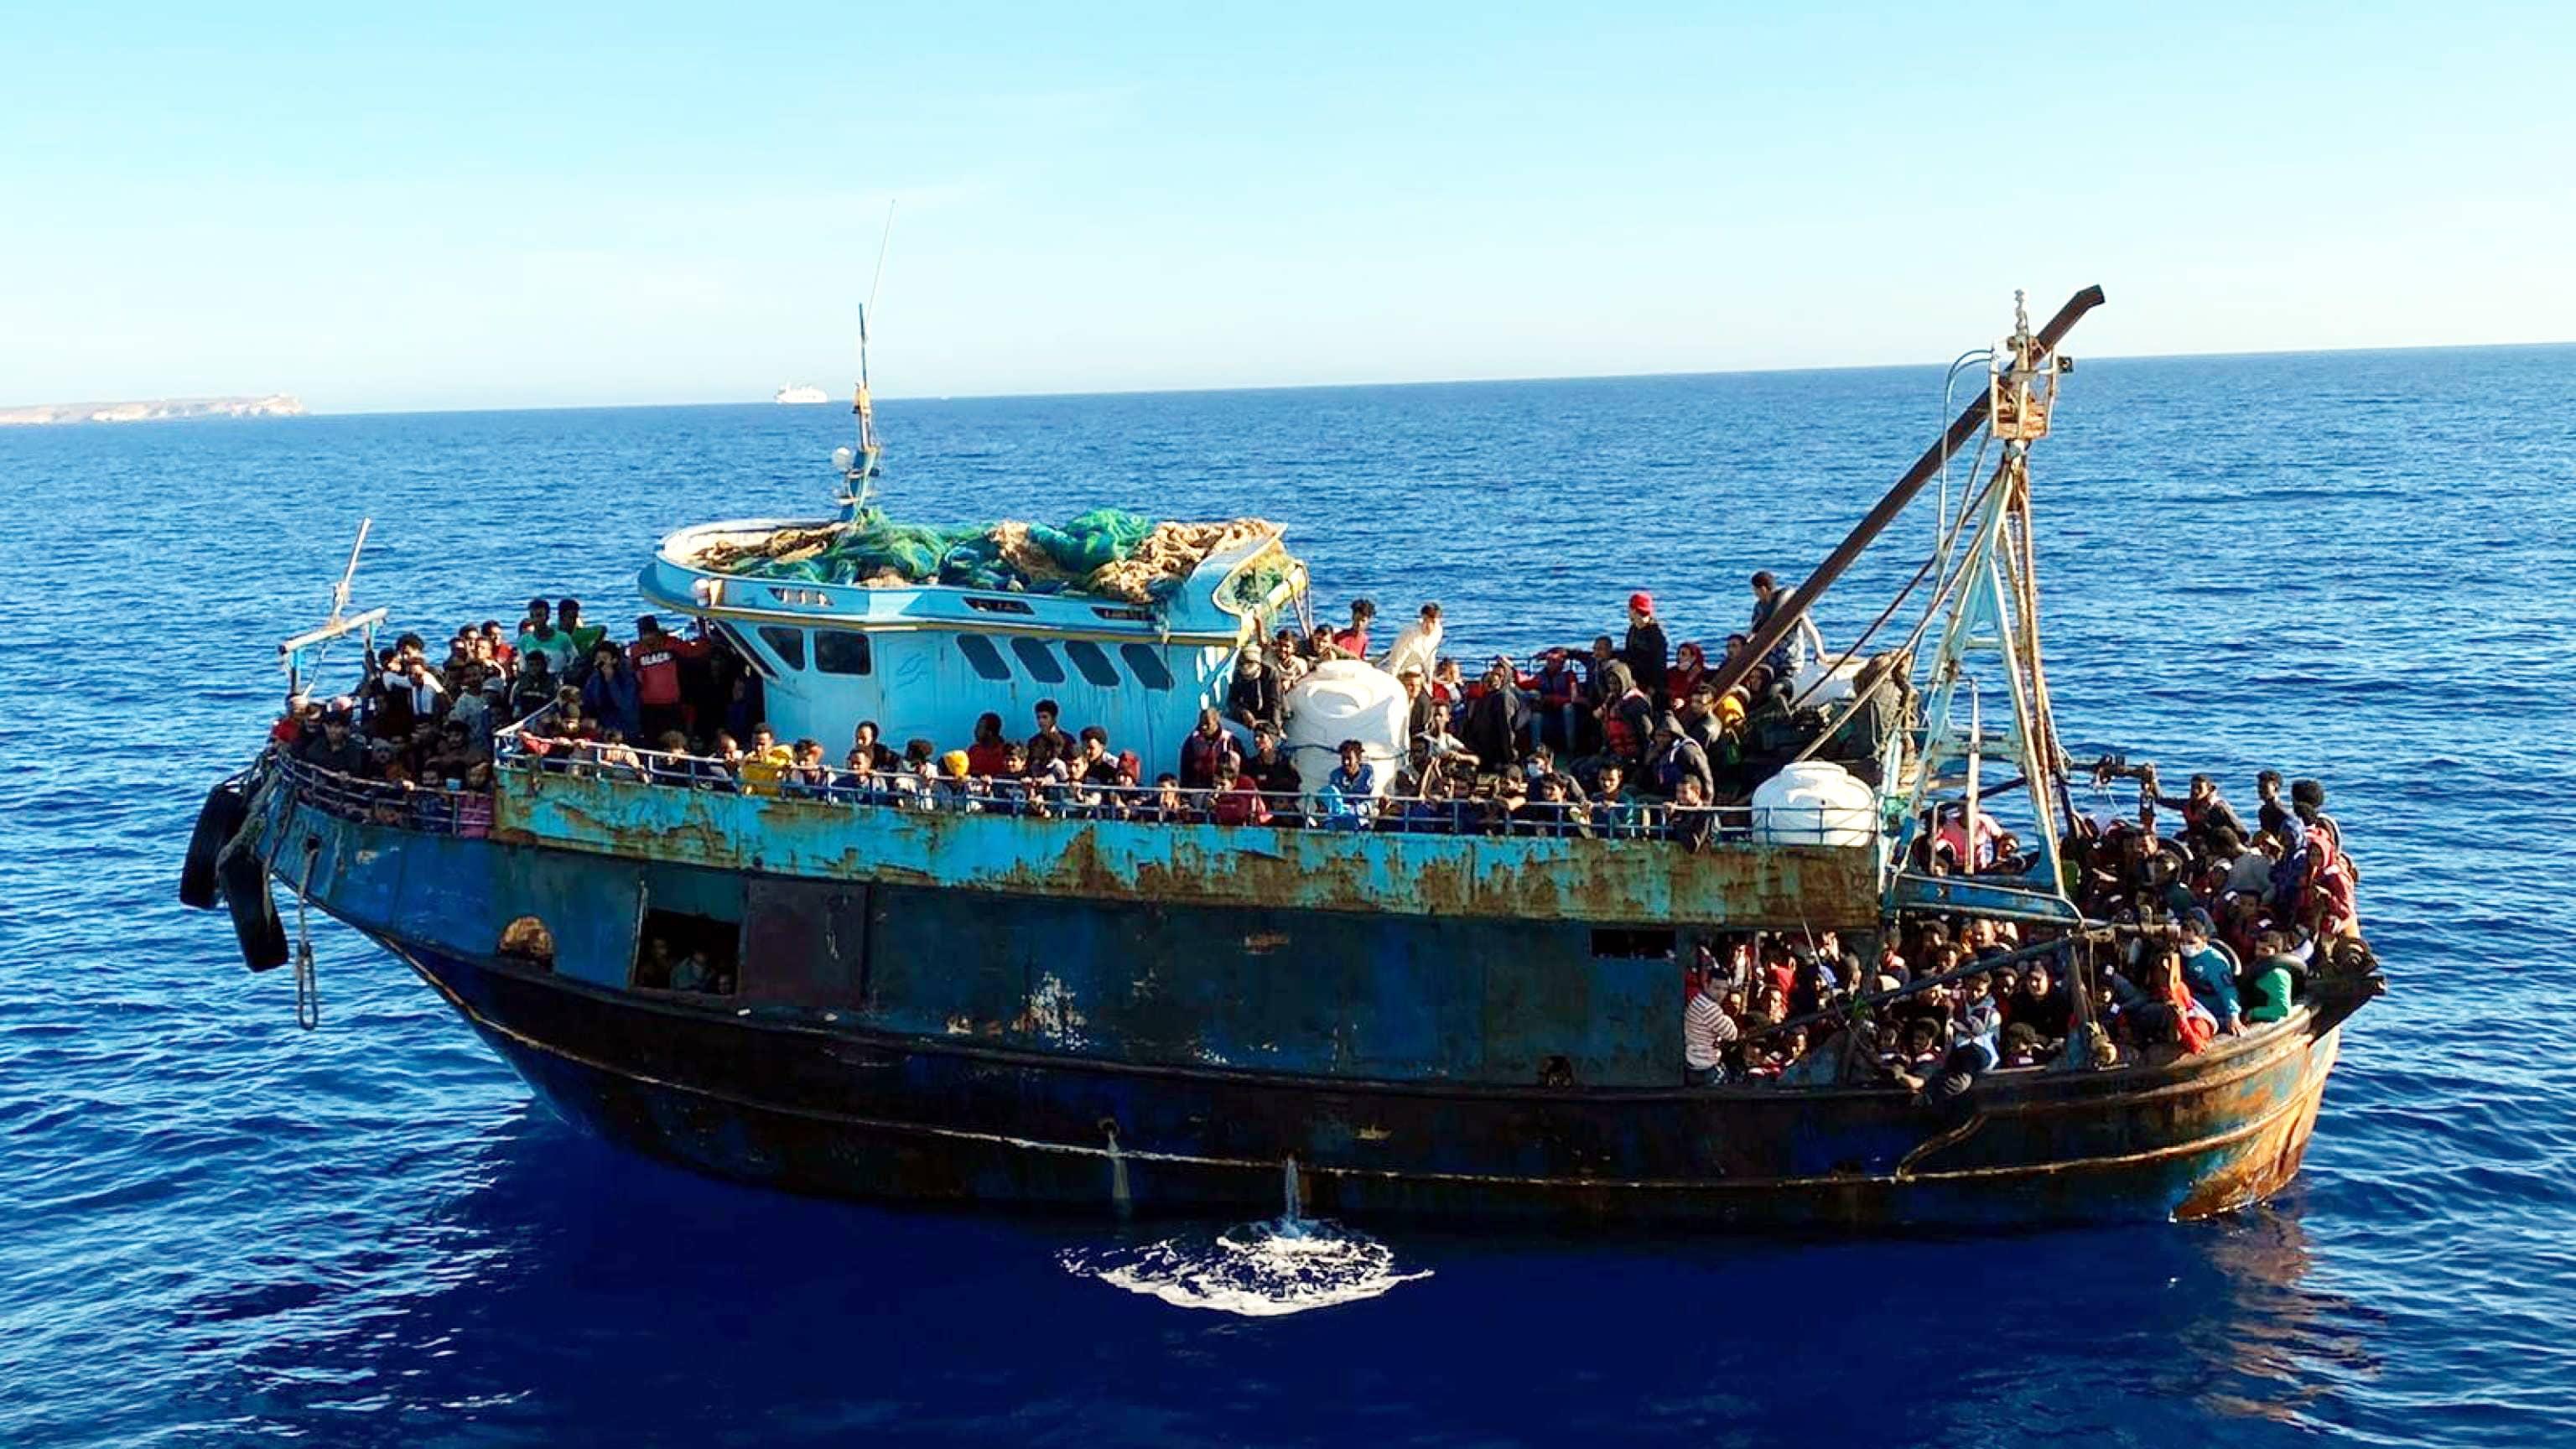 Vene täynnä siirtolaisia Italiassa.